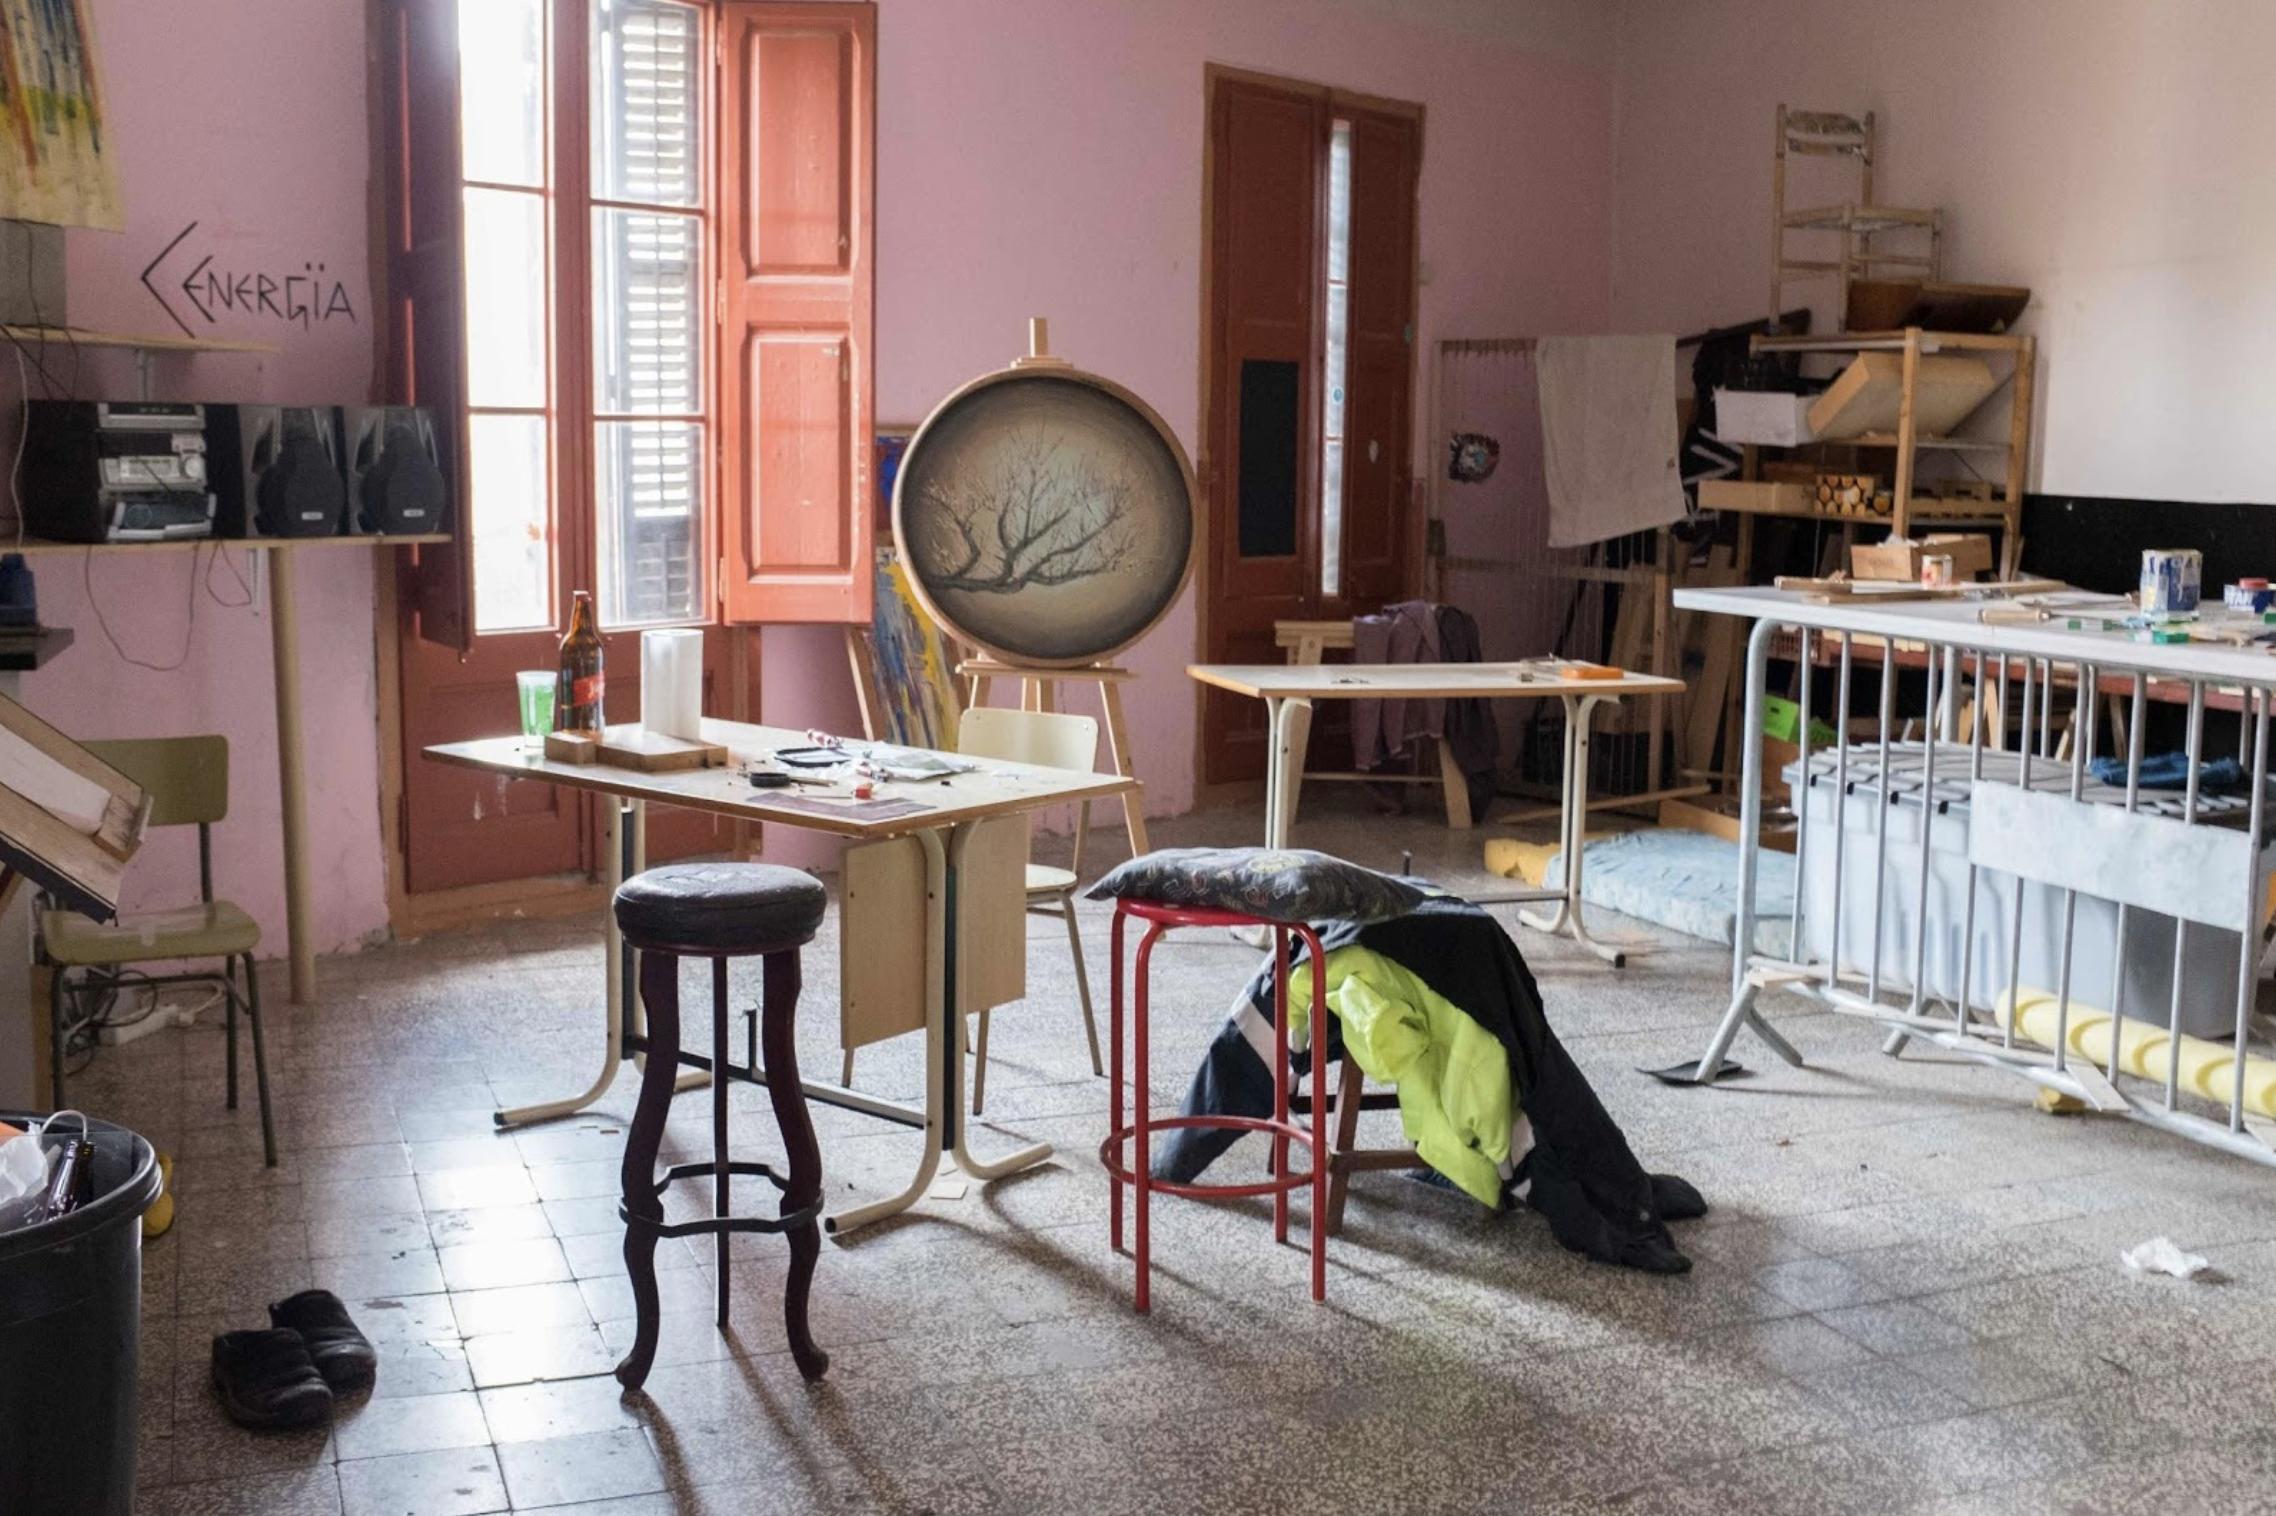 L'atelier d'Art de la Résidence étudiante autogérée (REA) de l'Okupa du 9 Passatge de Sant Bernat. Barcelone. Novembre 2017. © Lotfi Benyelles